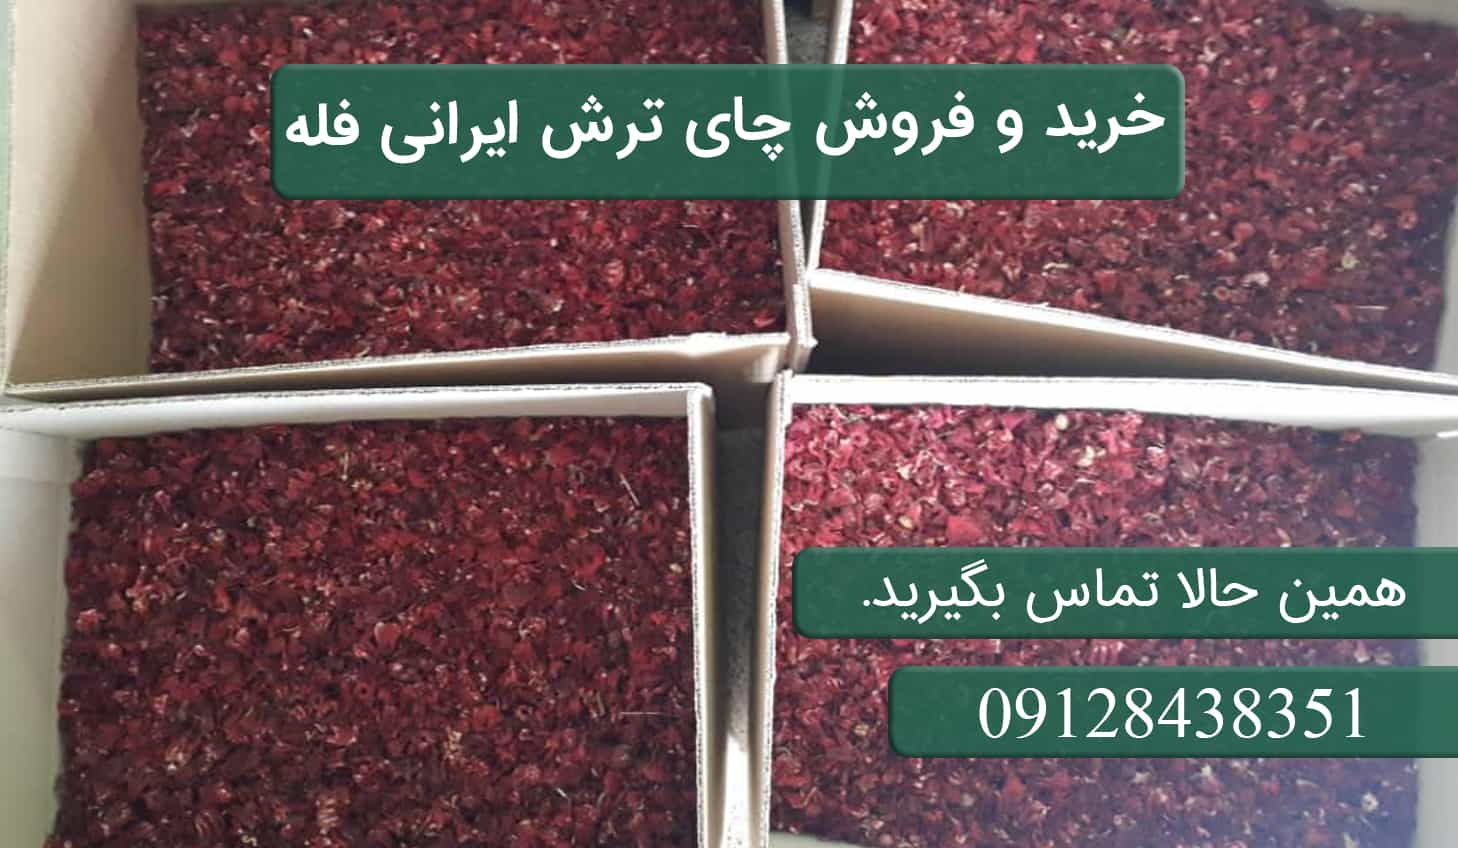 خرید و فروش چای ترش ایرانی فله